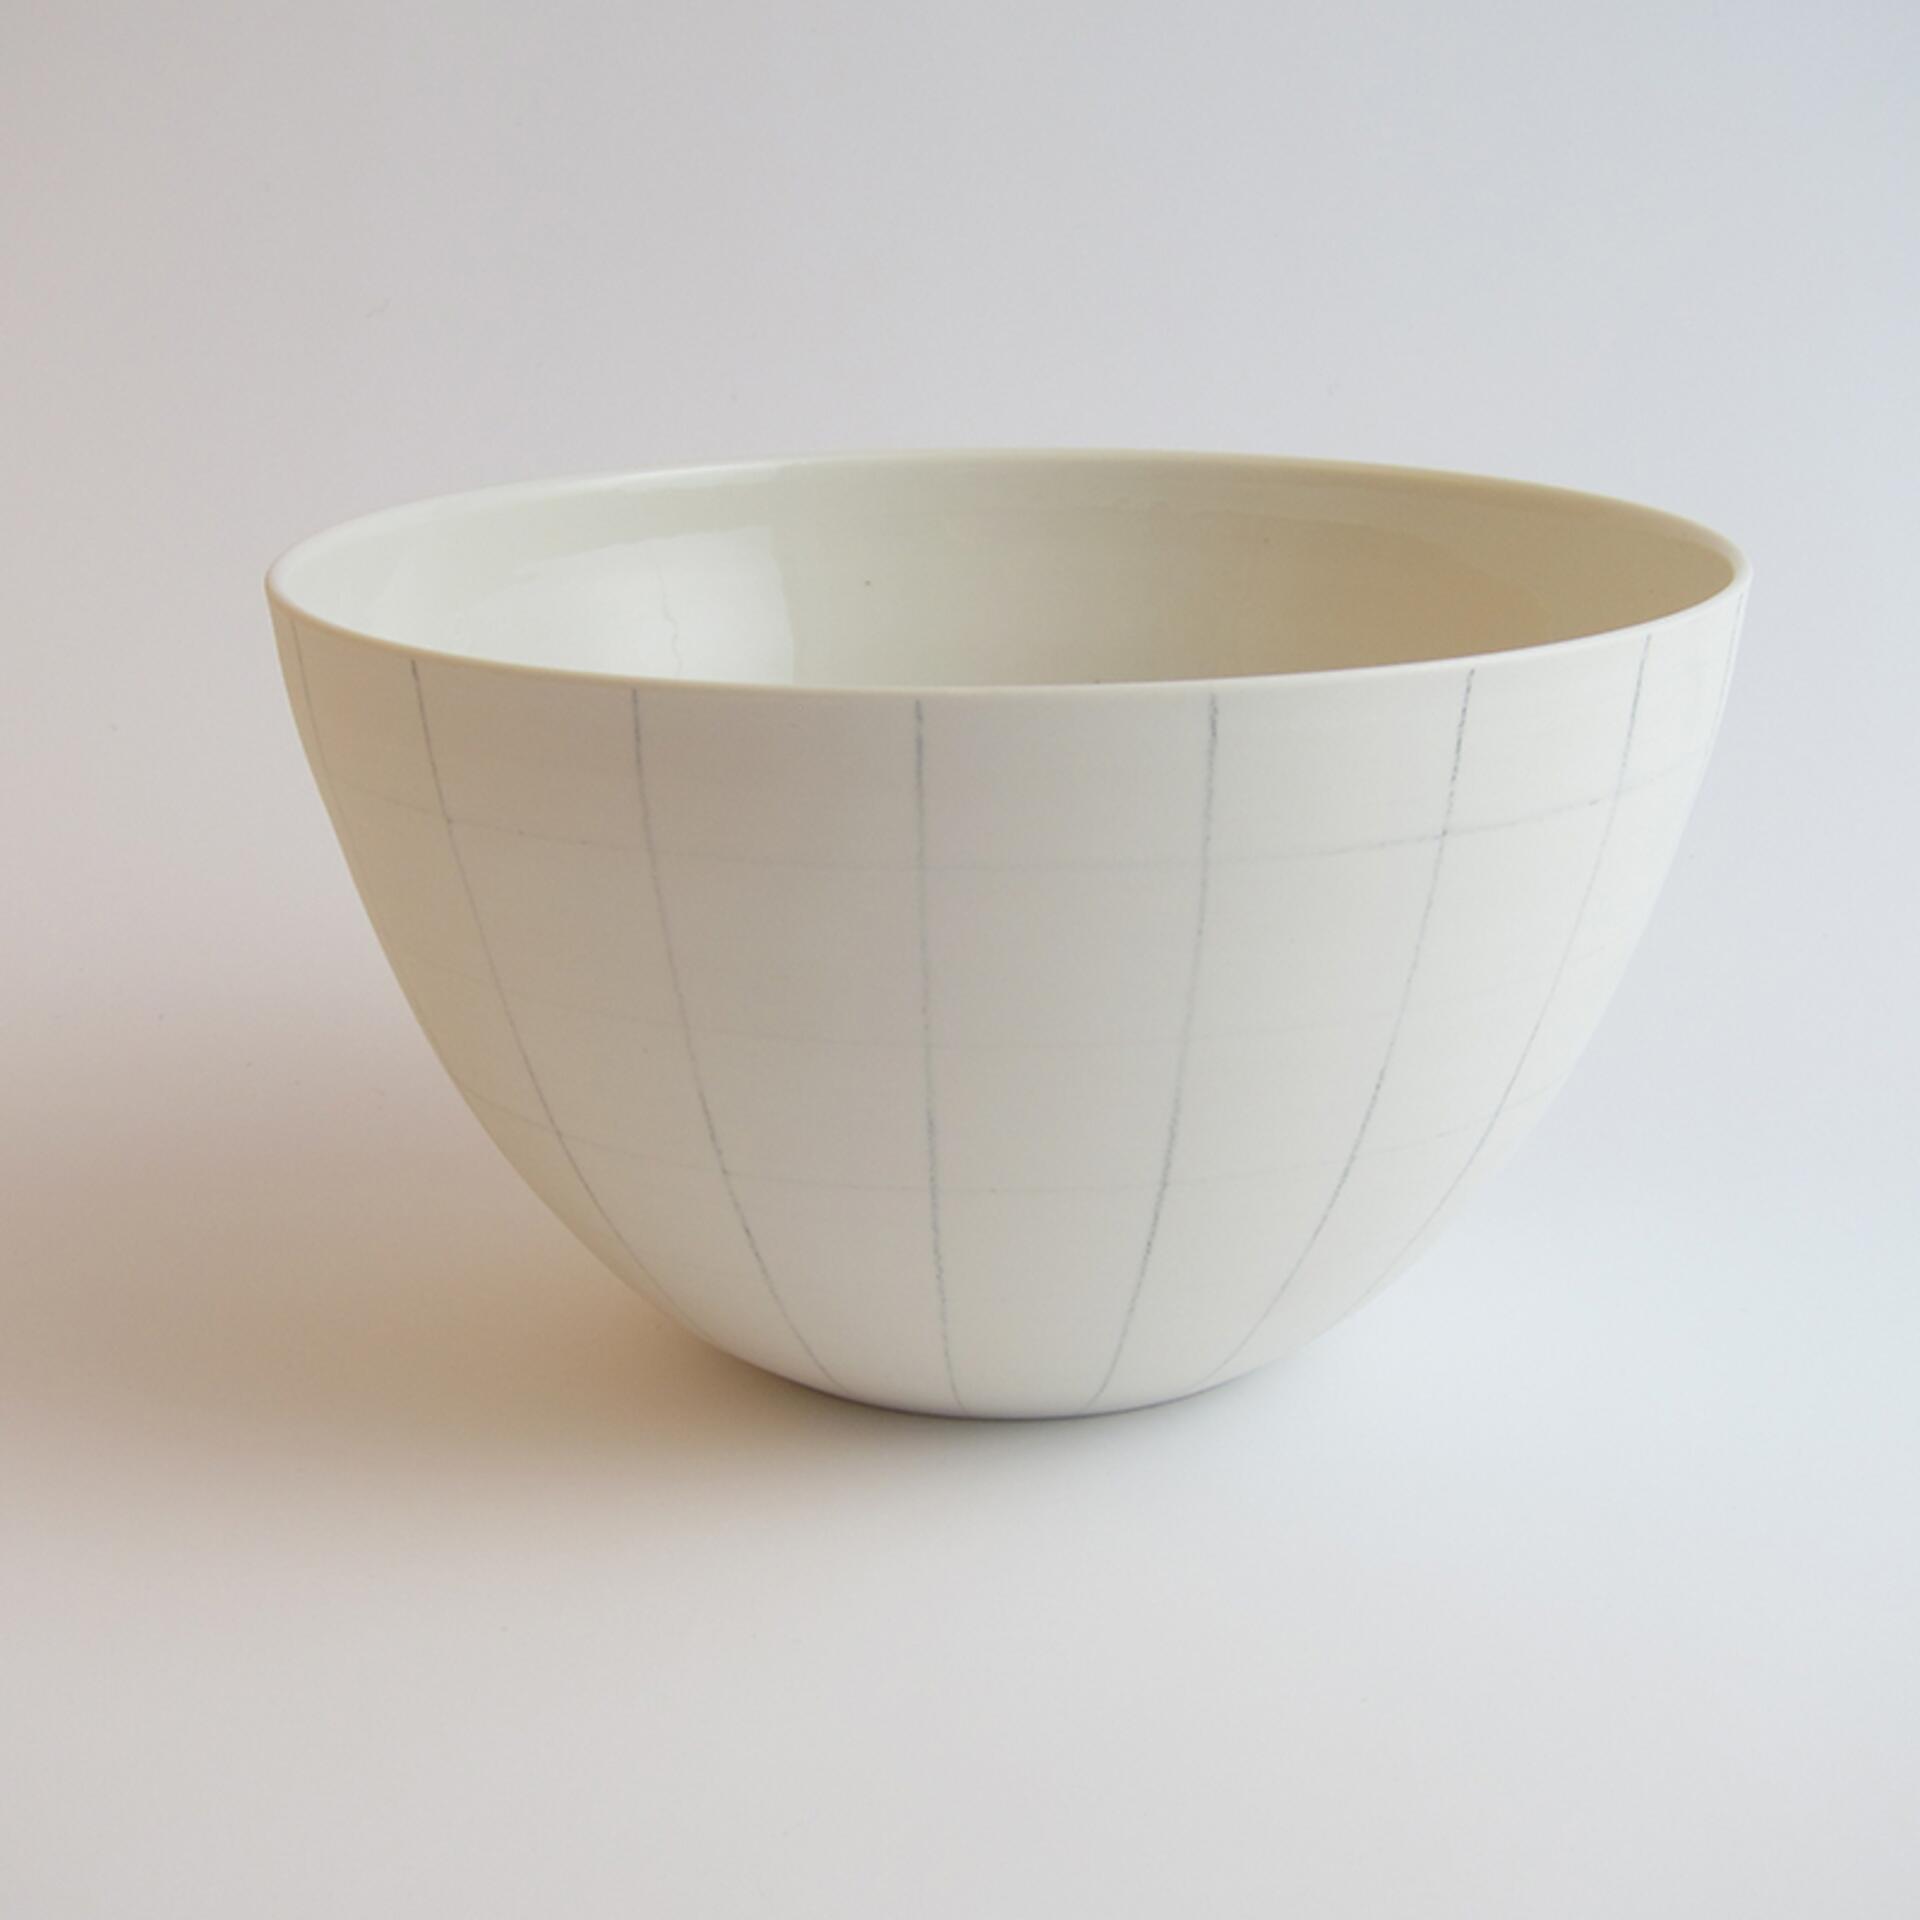 Schoemig Porzellan Schälchen Graph Quadrat